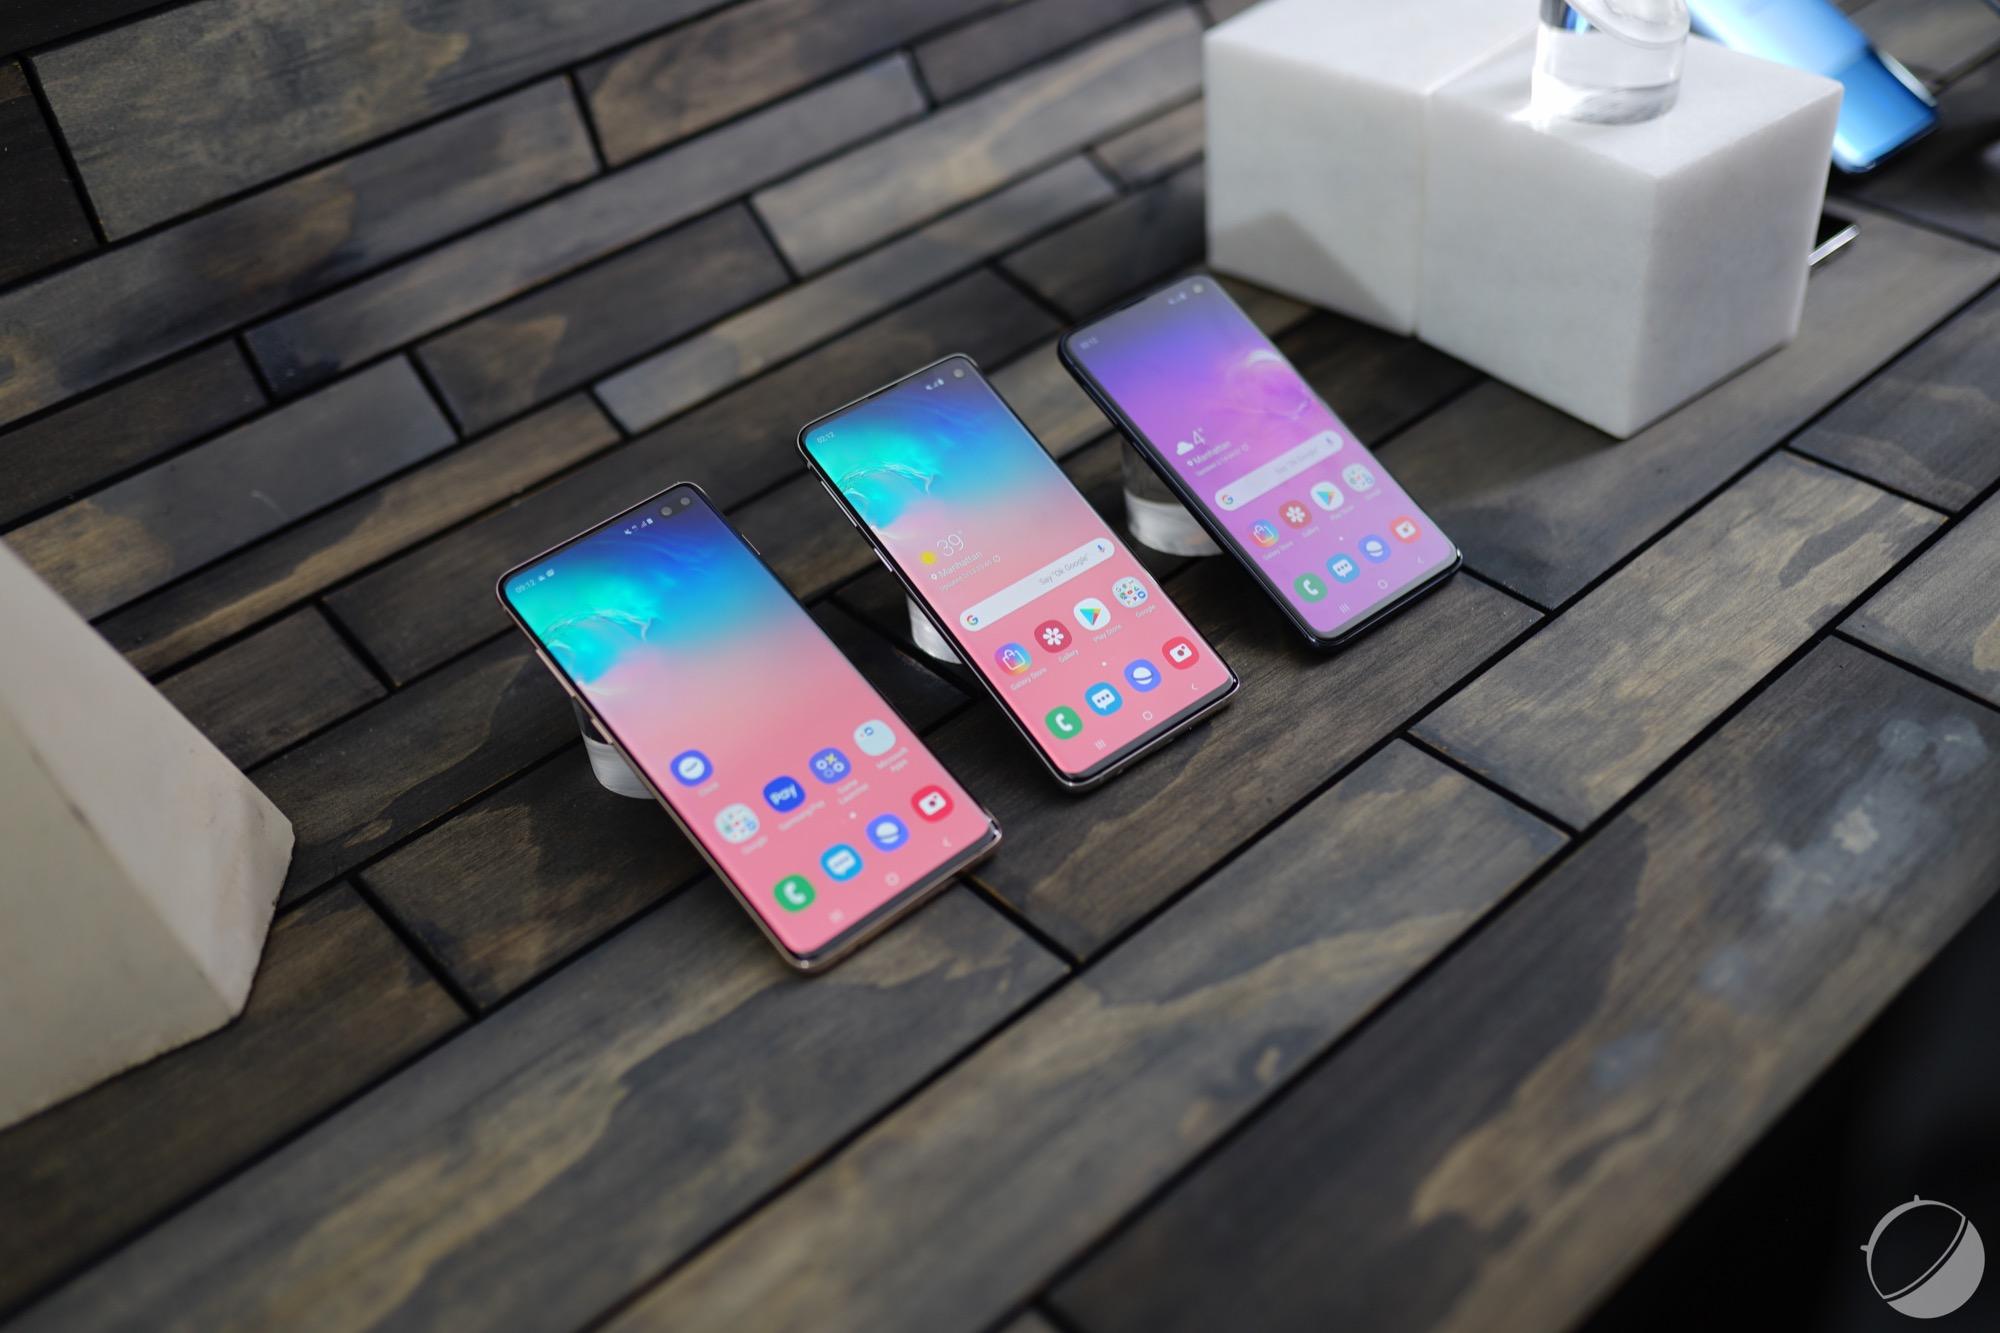 3 actualités qui ont marqué la semaine : Galaxy S10 et Fold officialisés, réduction à vie chez Free et OLED 4K HDR pour le Xperia 1